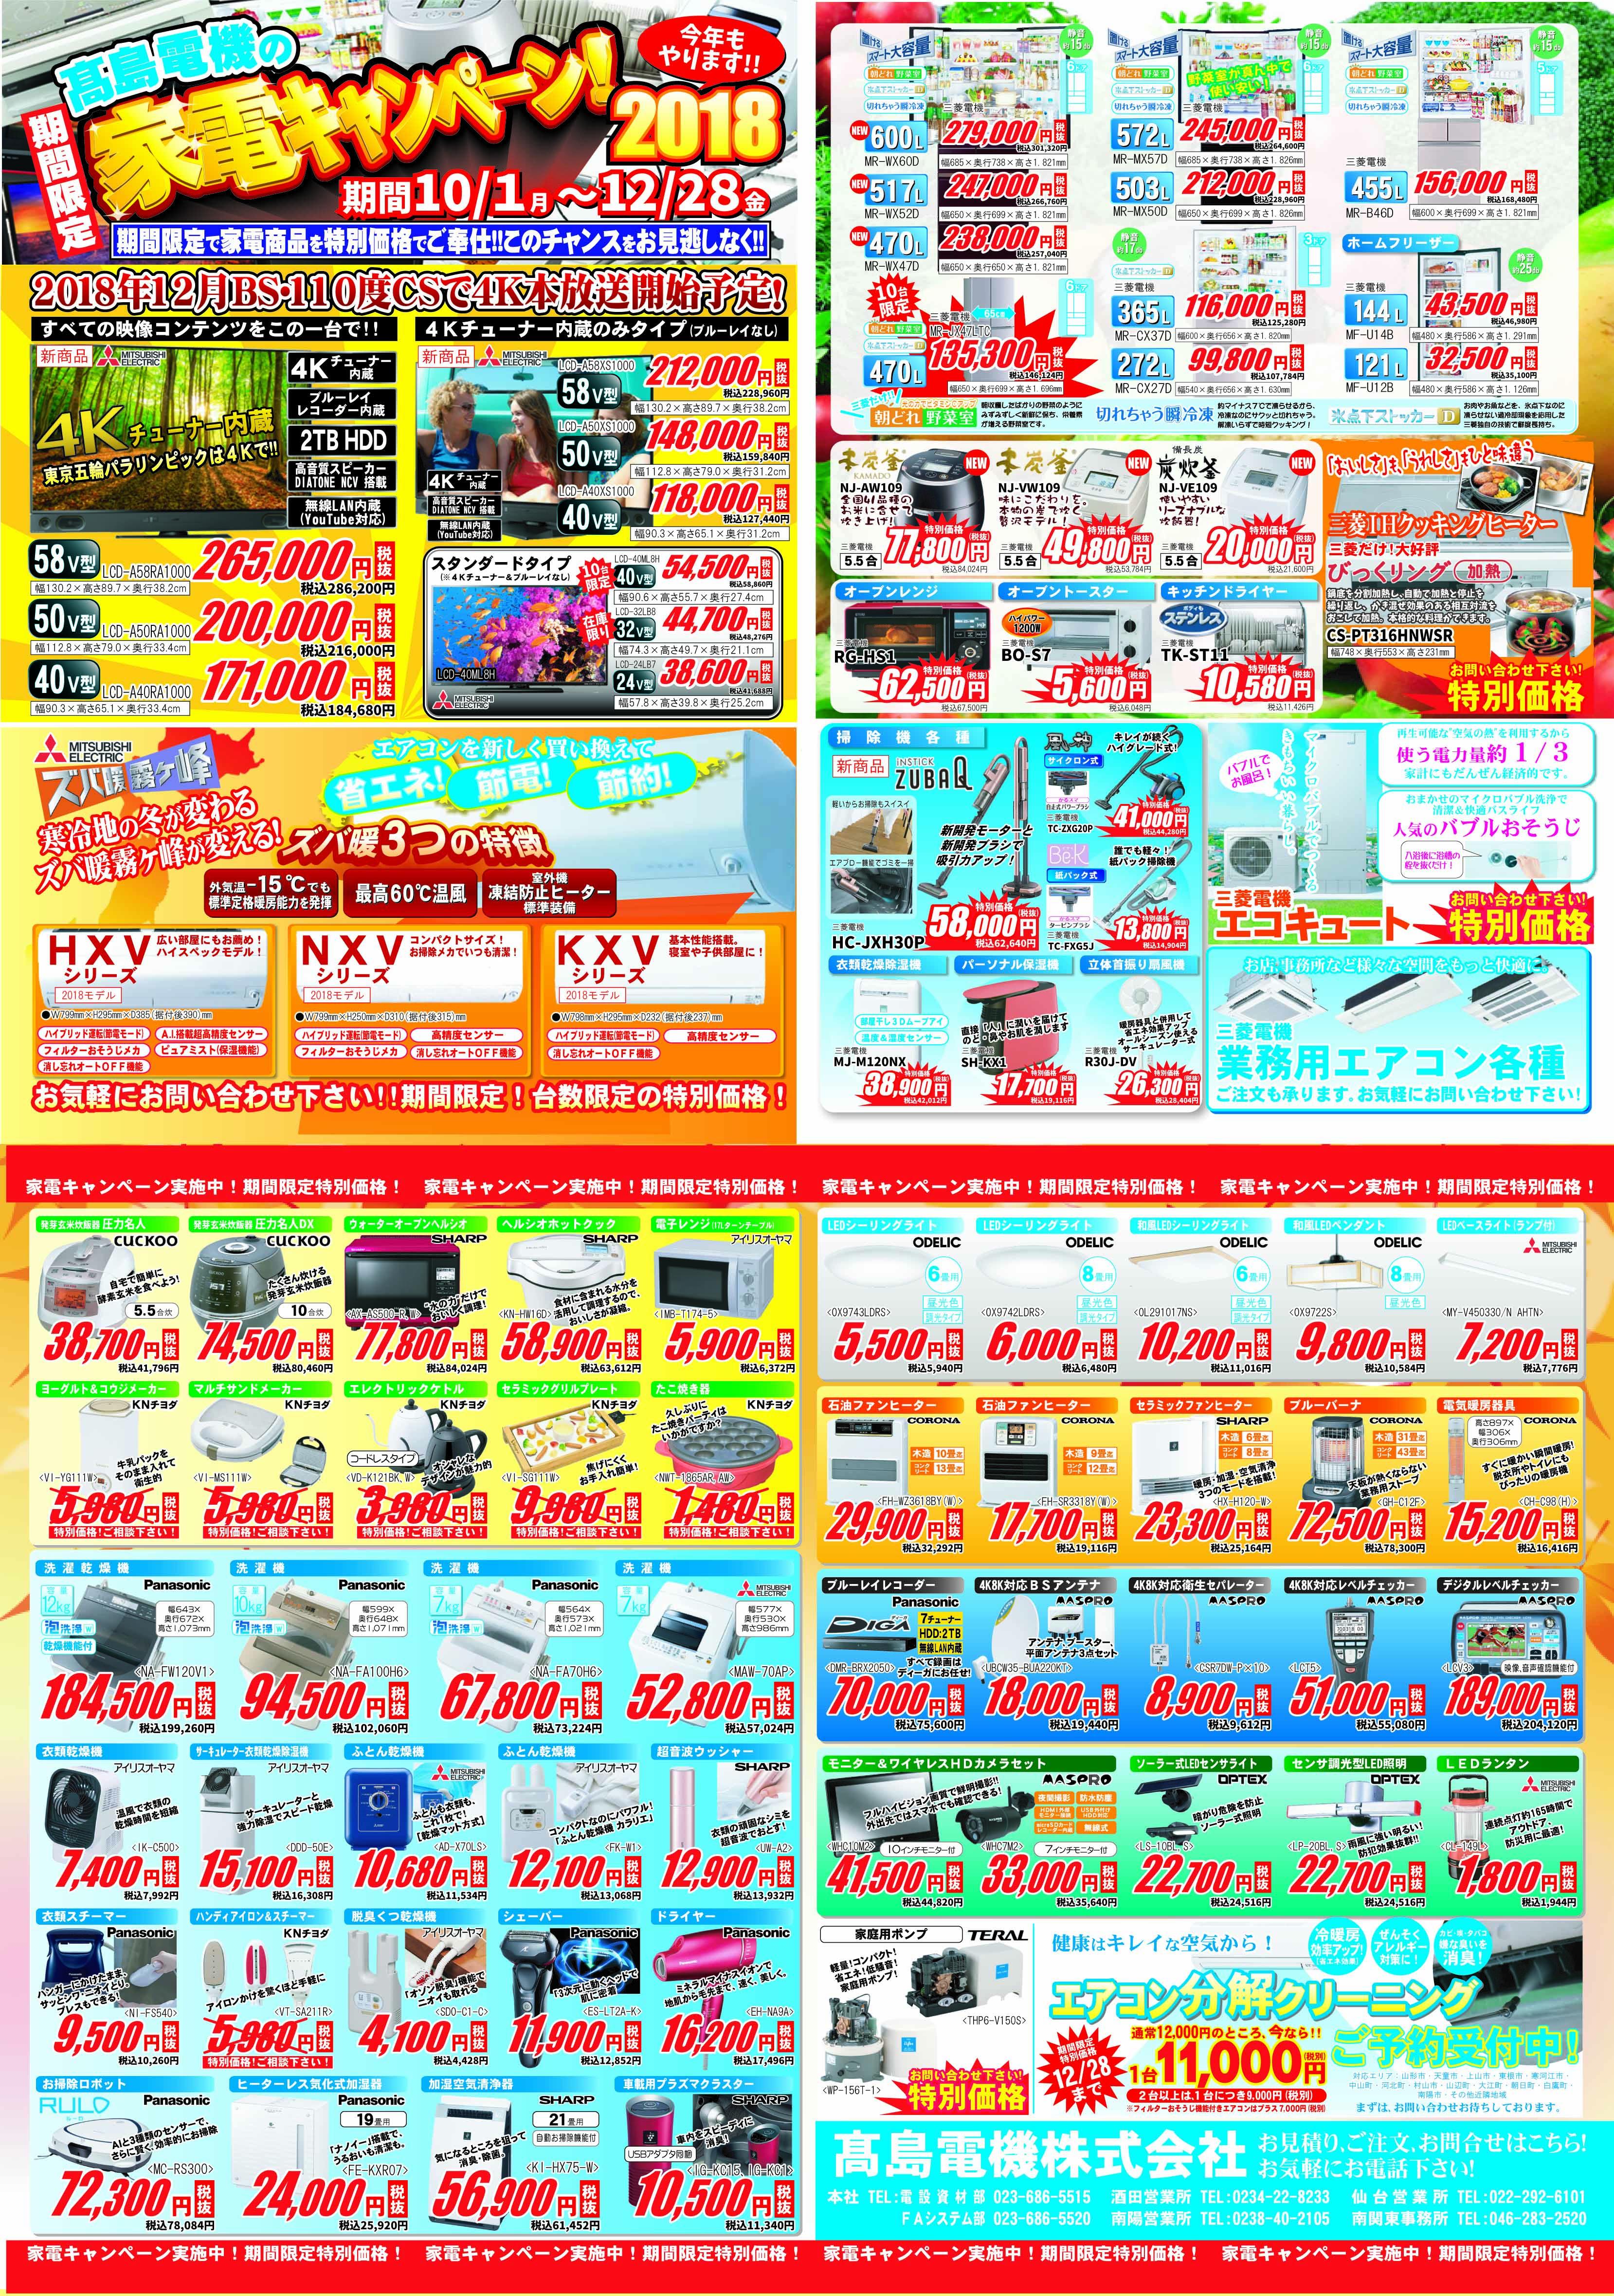 高島電機 家電 キャンペーン エアコン ズバ暖 冷蔵庫 炊飯器 掃除機 4K テレビ